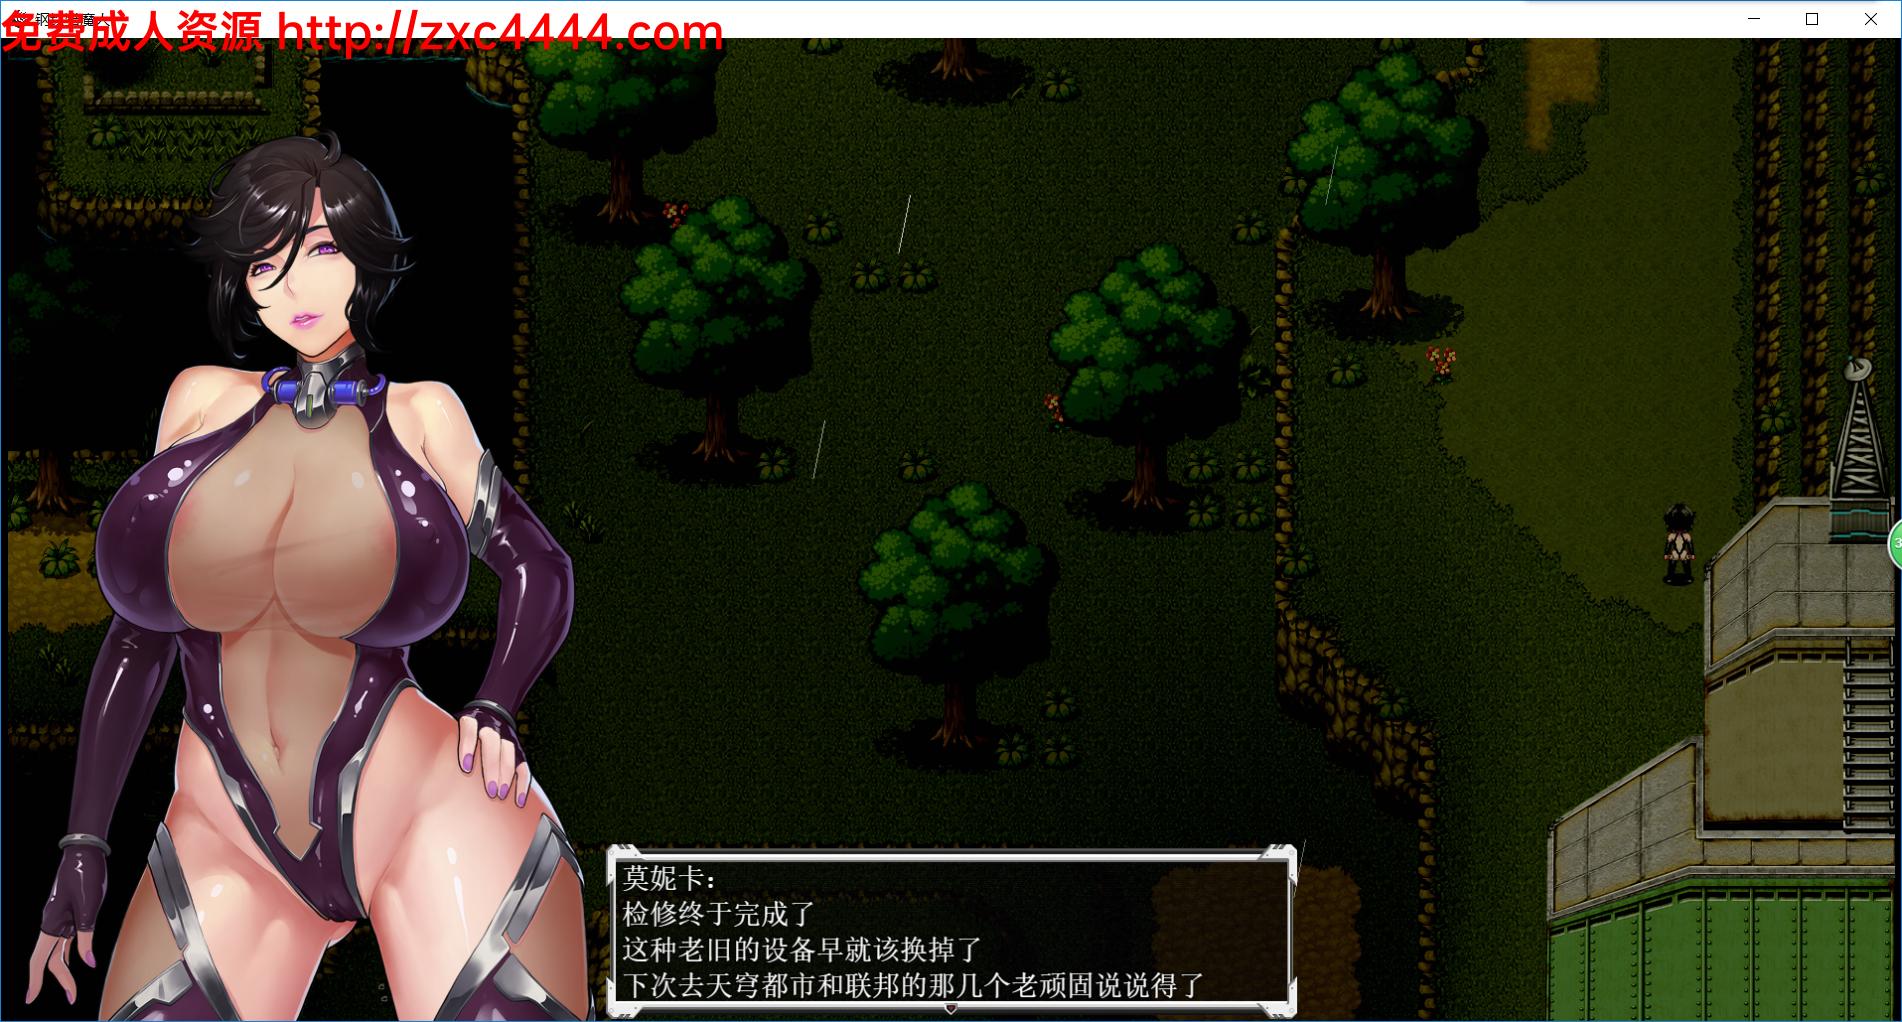 【国产RPG中文】钢铁の魔狩人:母娘战士银辱之宴 V0.10B修复版【1.3G】 11